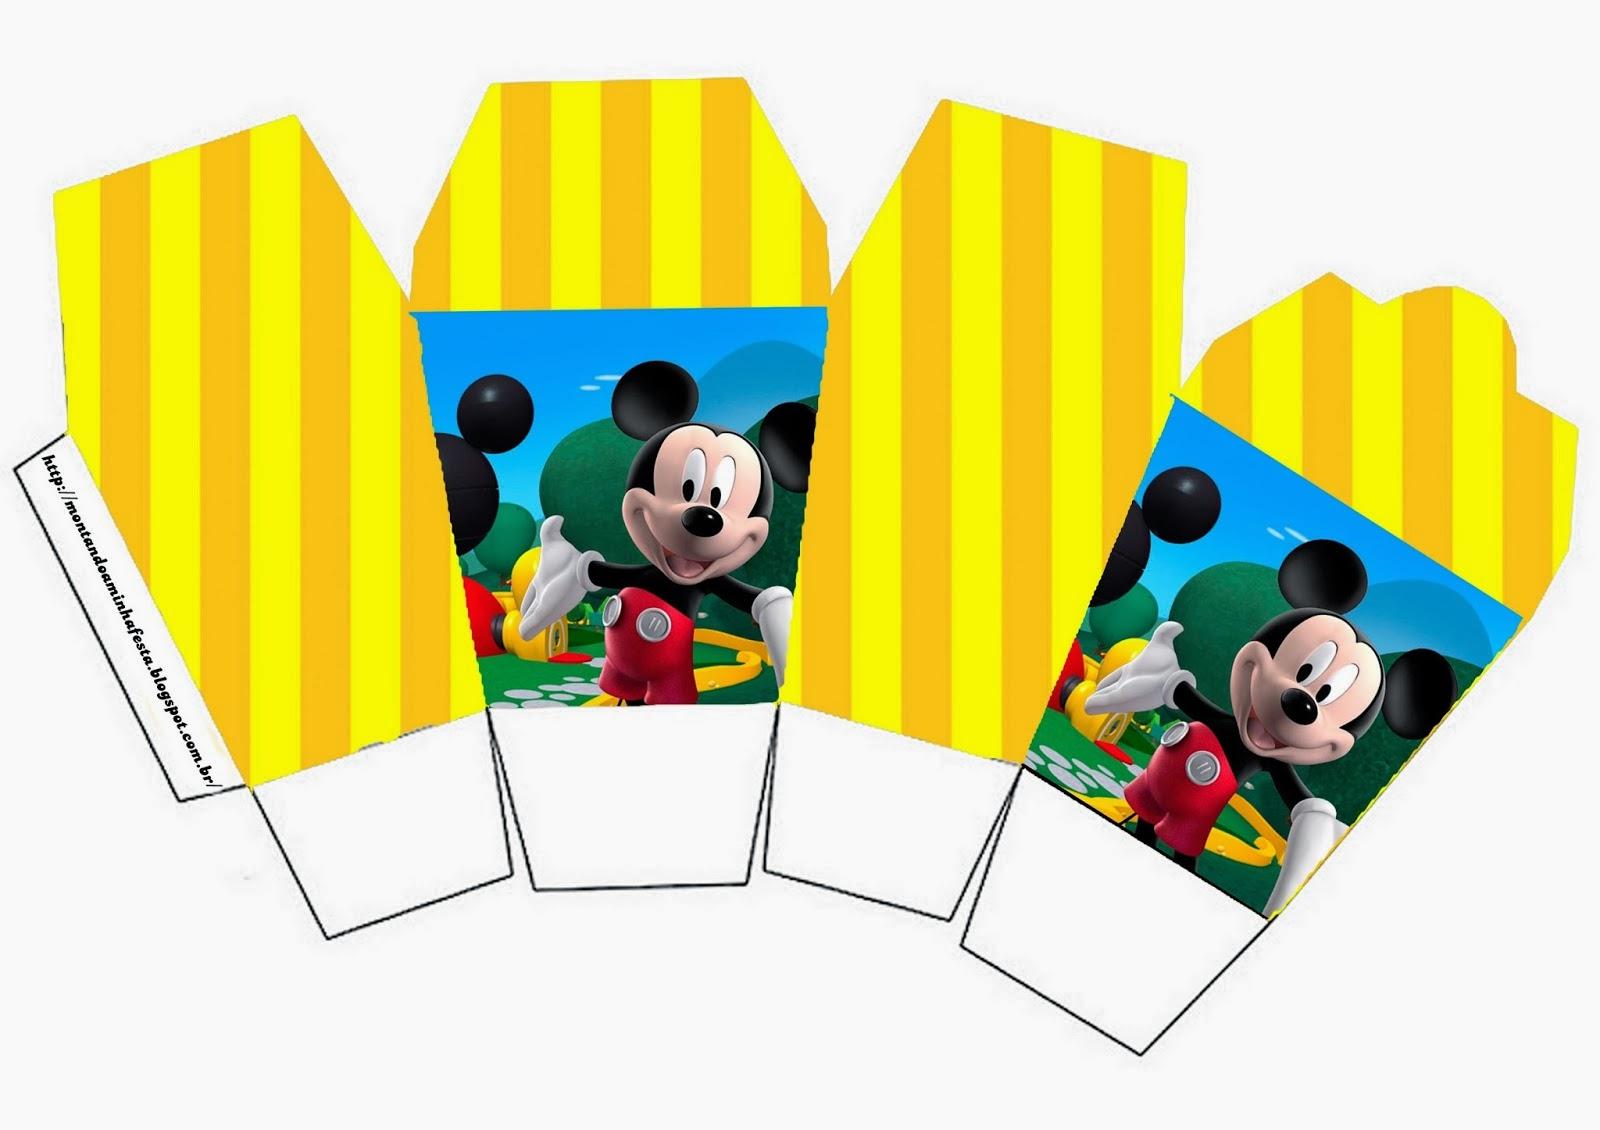 Casa de mickey cajas para imprimir gratis ideas y - Casas embargadas la caixa ...